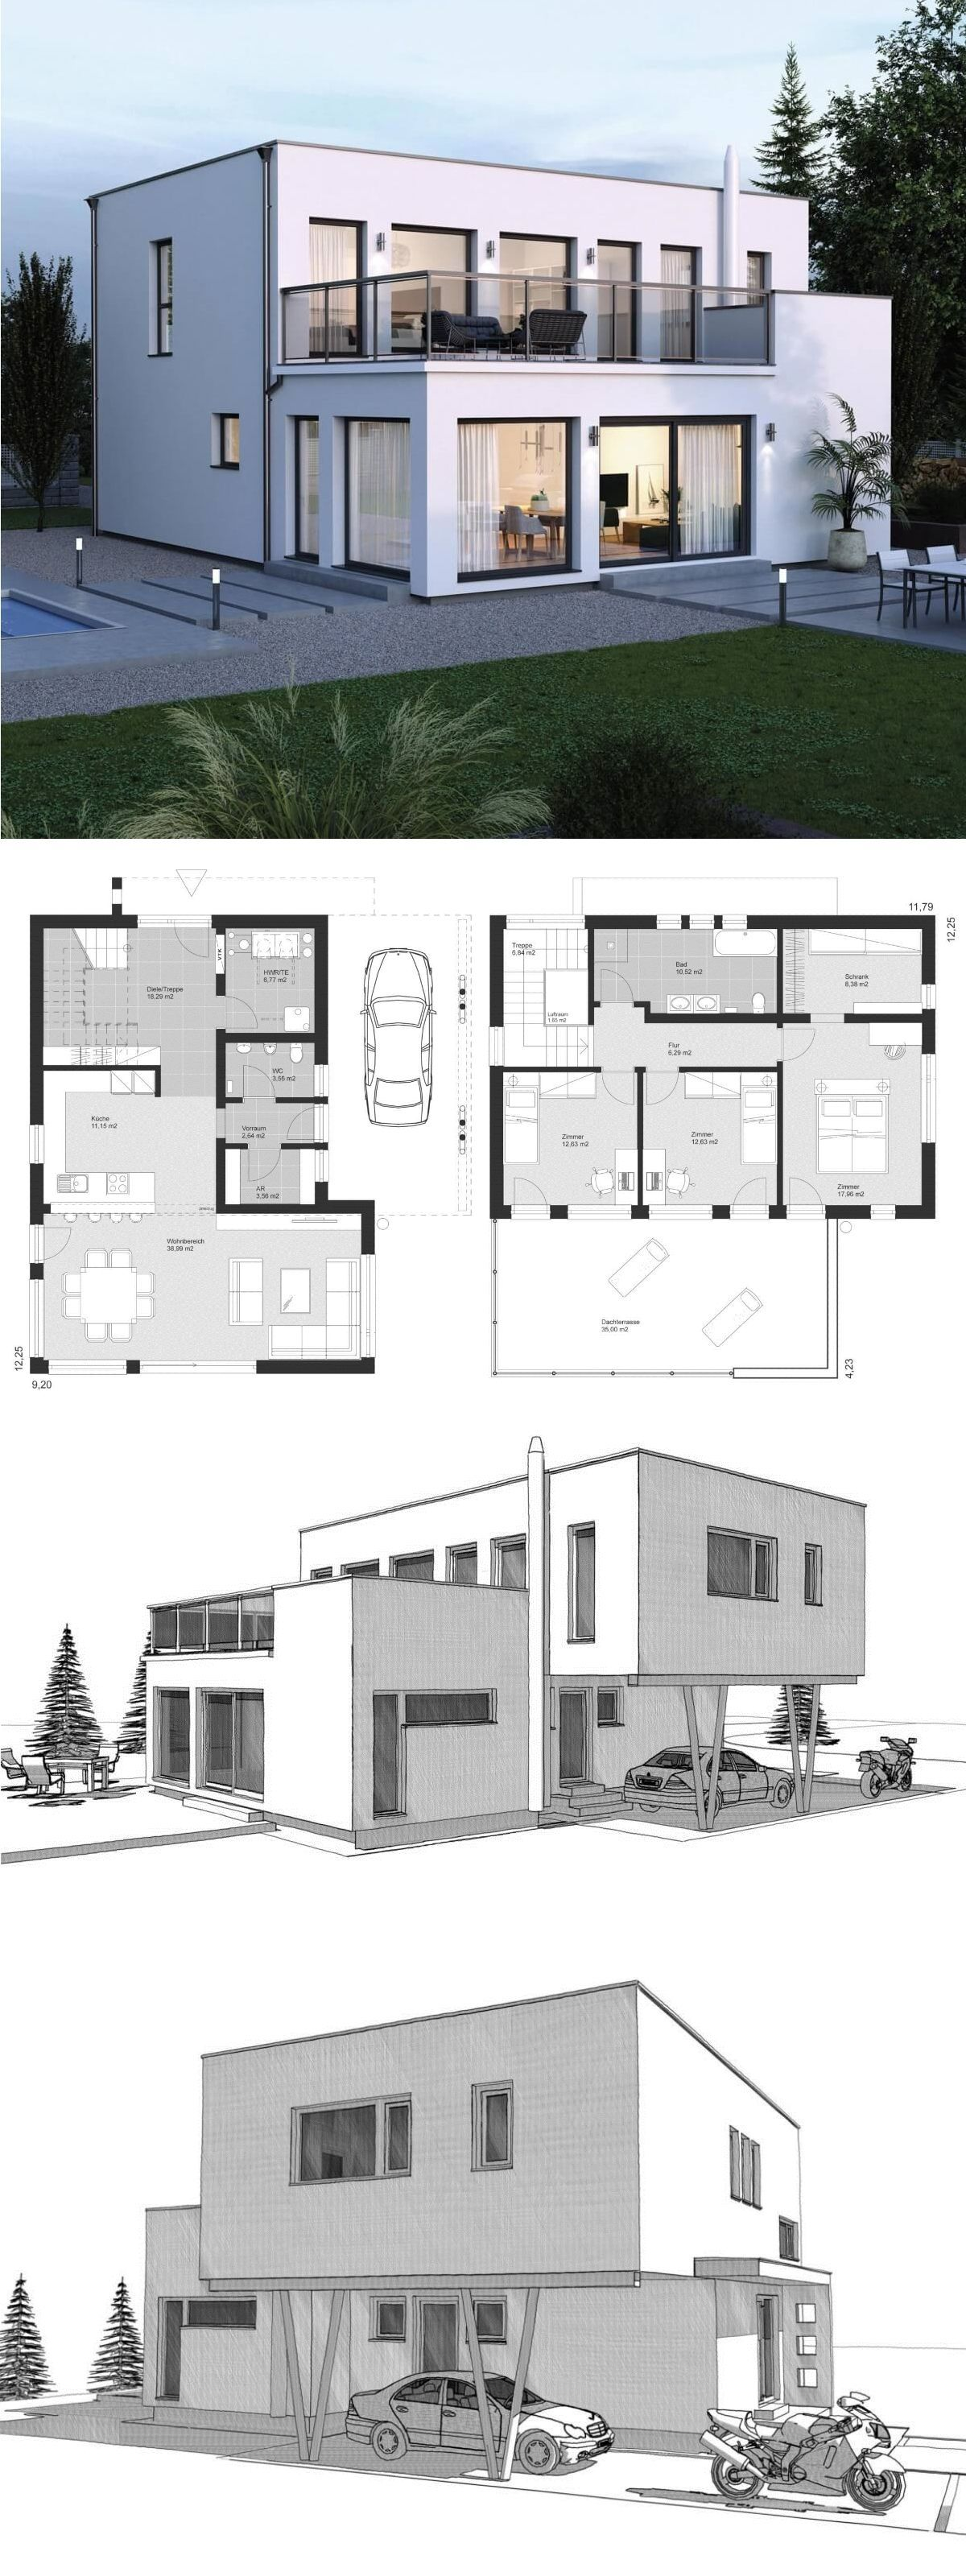 Moderne Bauhaus Stadtvilla Grundriss Mit Flachdach Architektur Carport Dachterrasse Einfamilienhaus Bauen Ideen F Haus Architektur Bauplan Haus Haus Plane